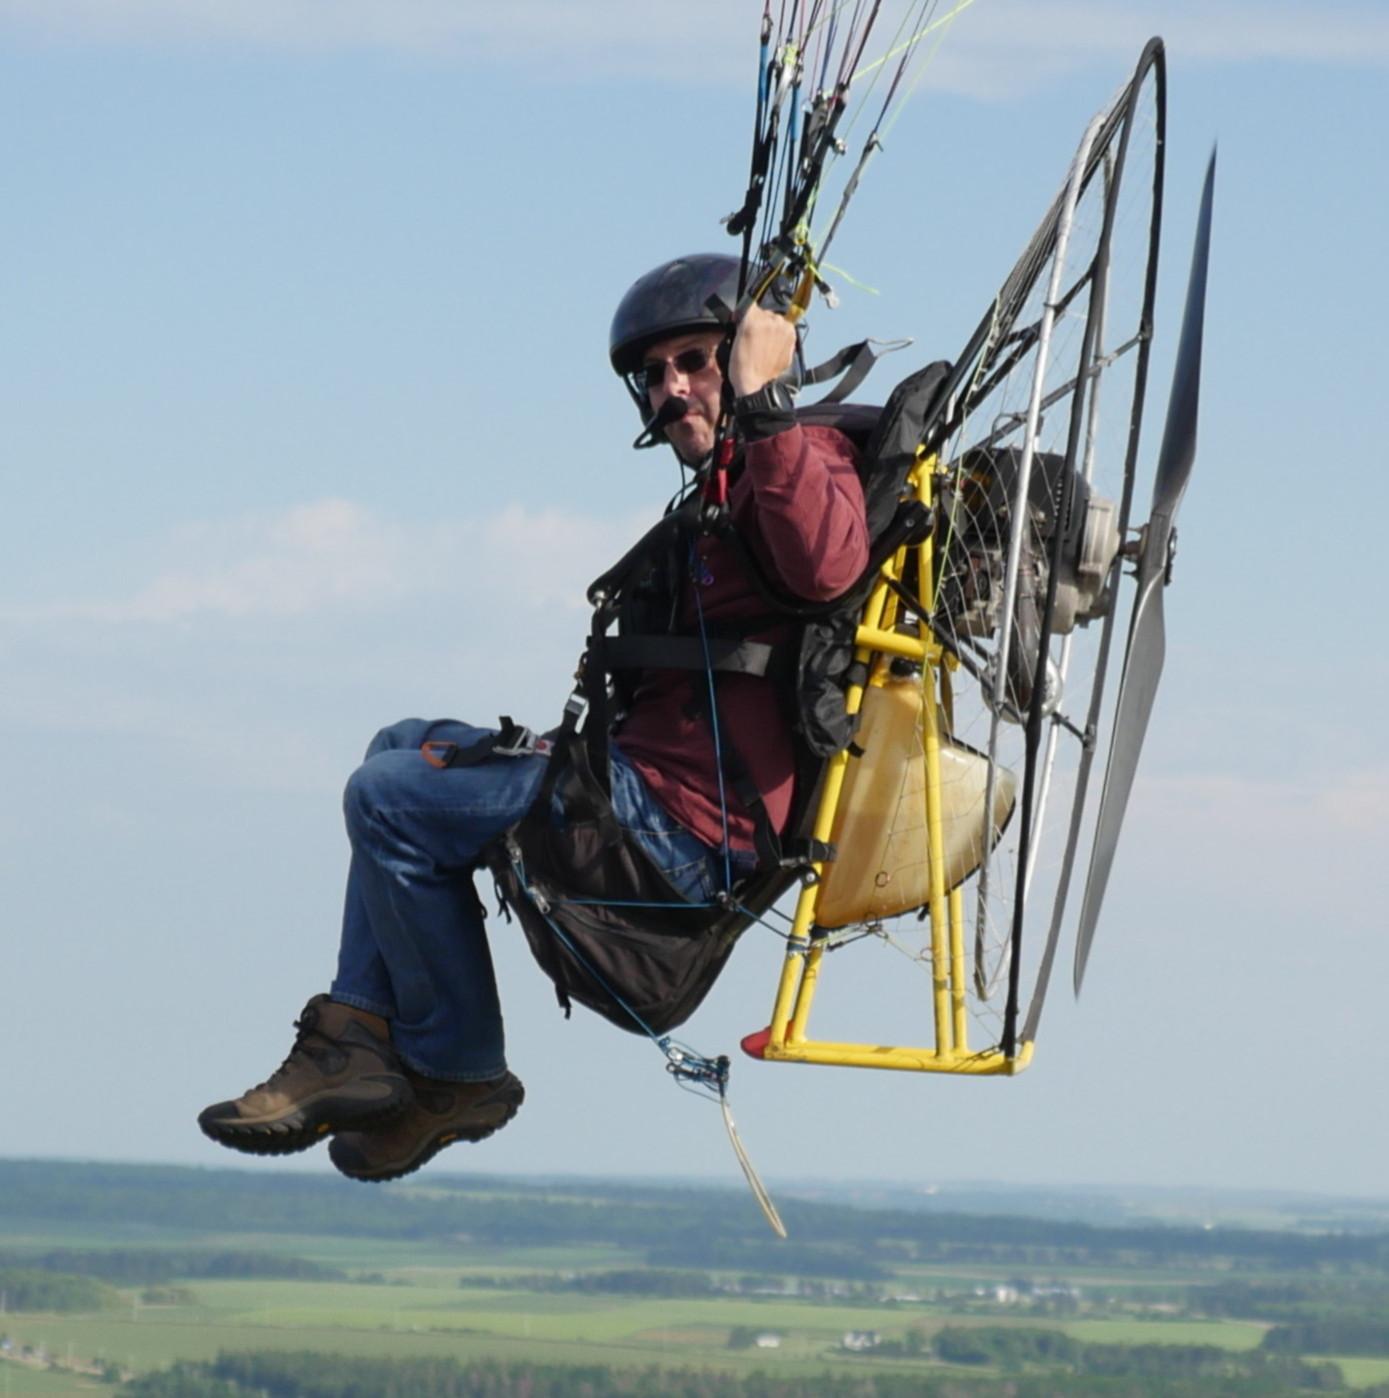 File:Paramotor In Flight by Jeff Goin jpg - Wikipedia